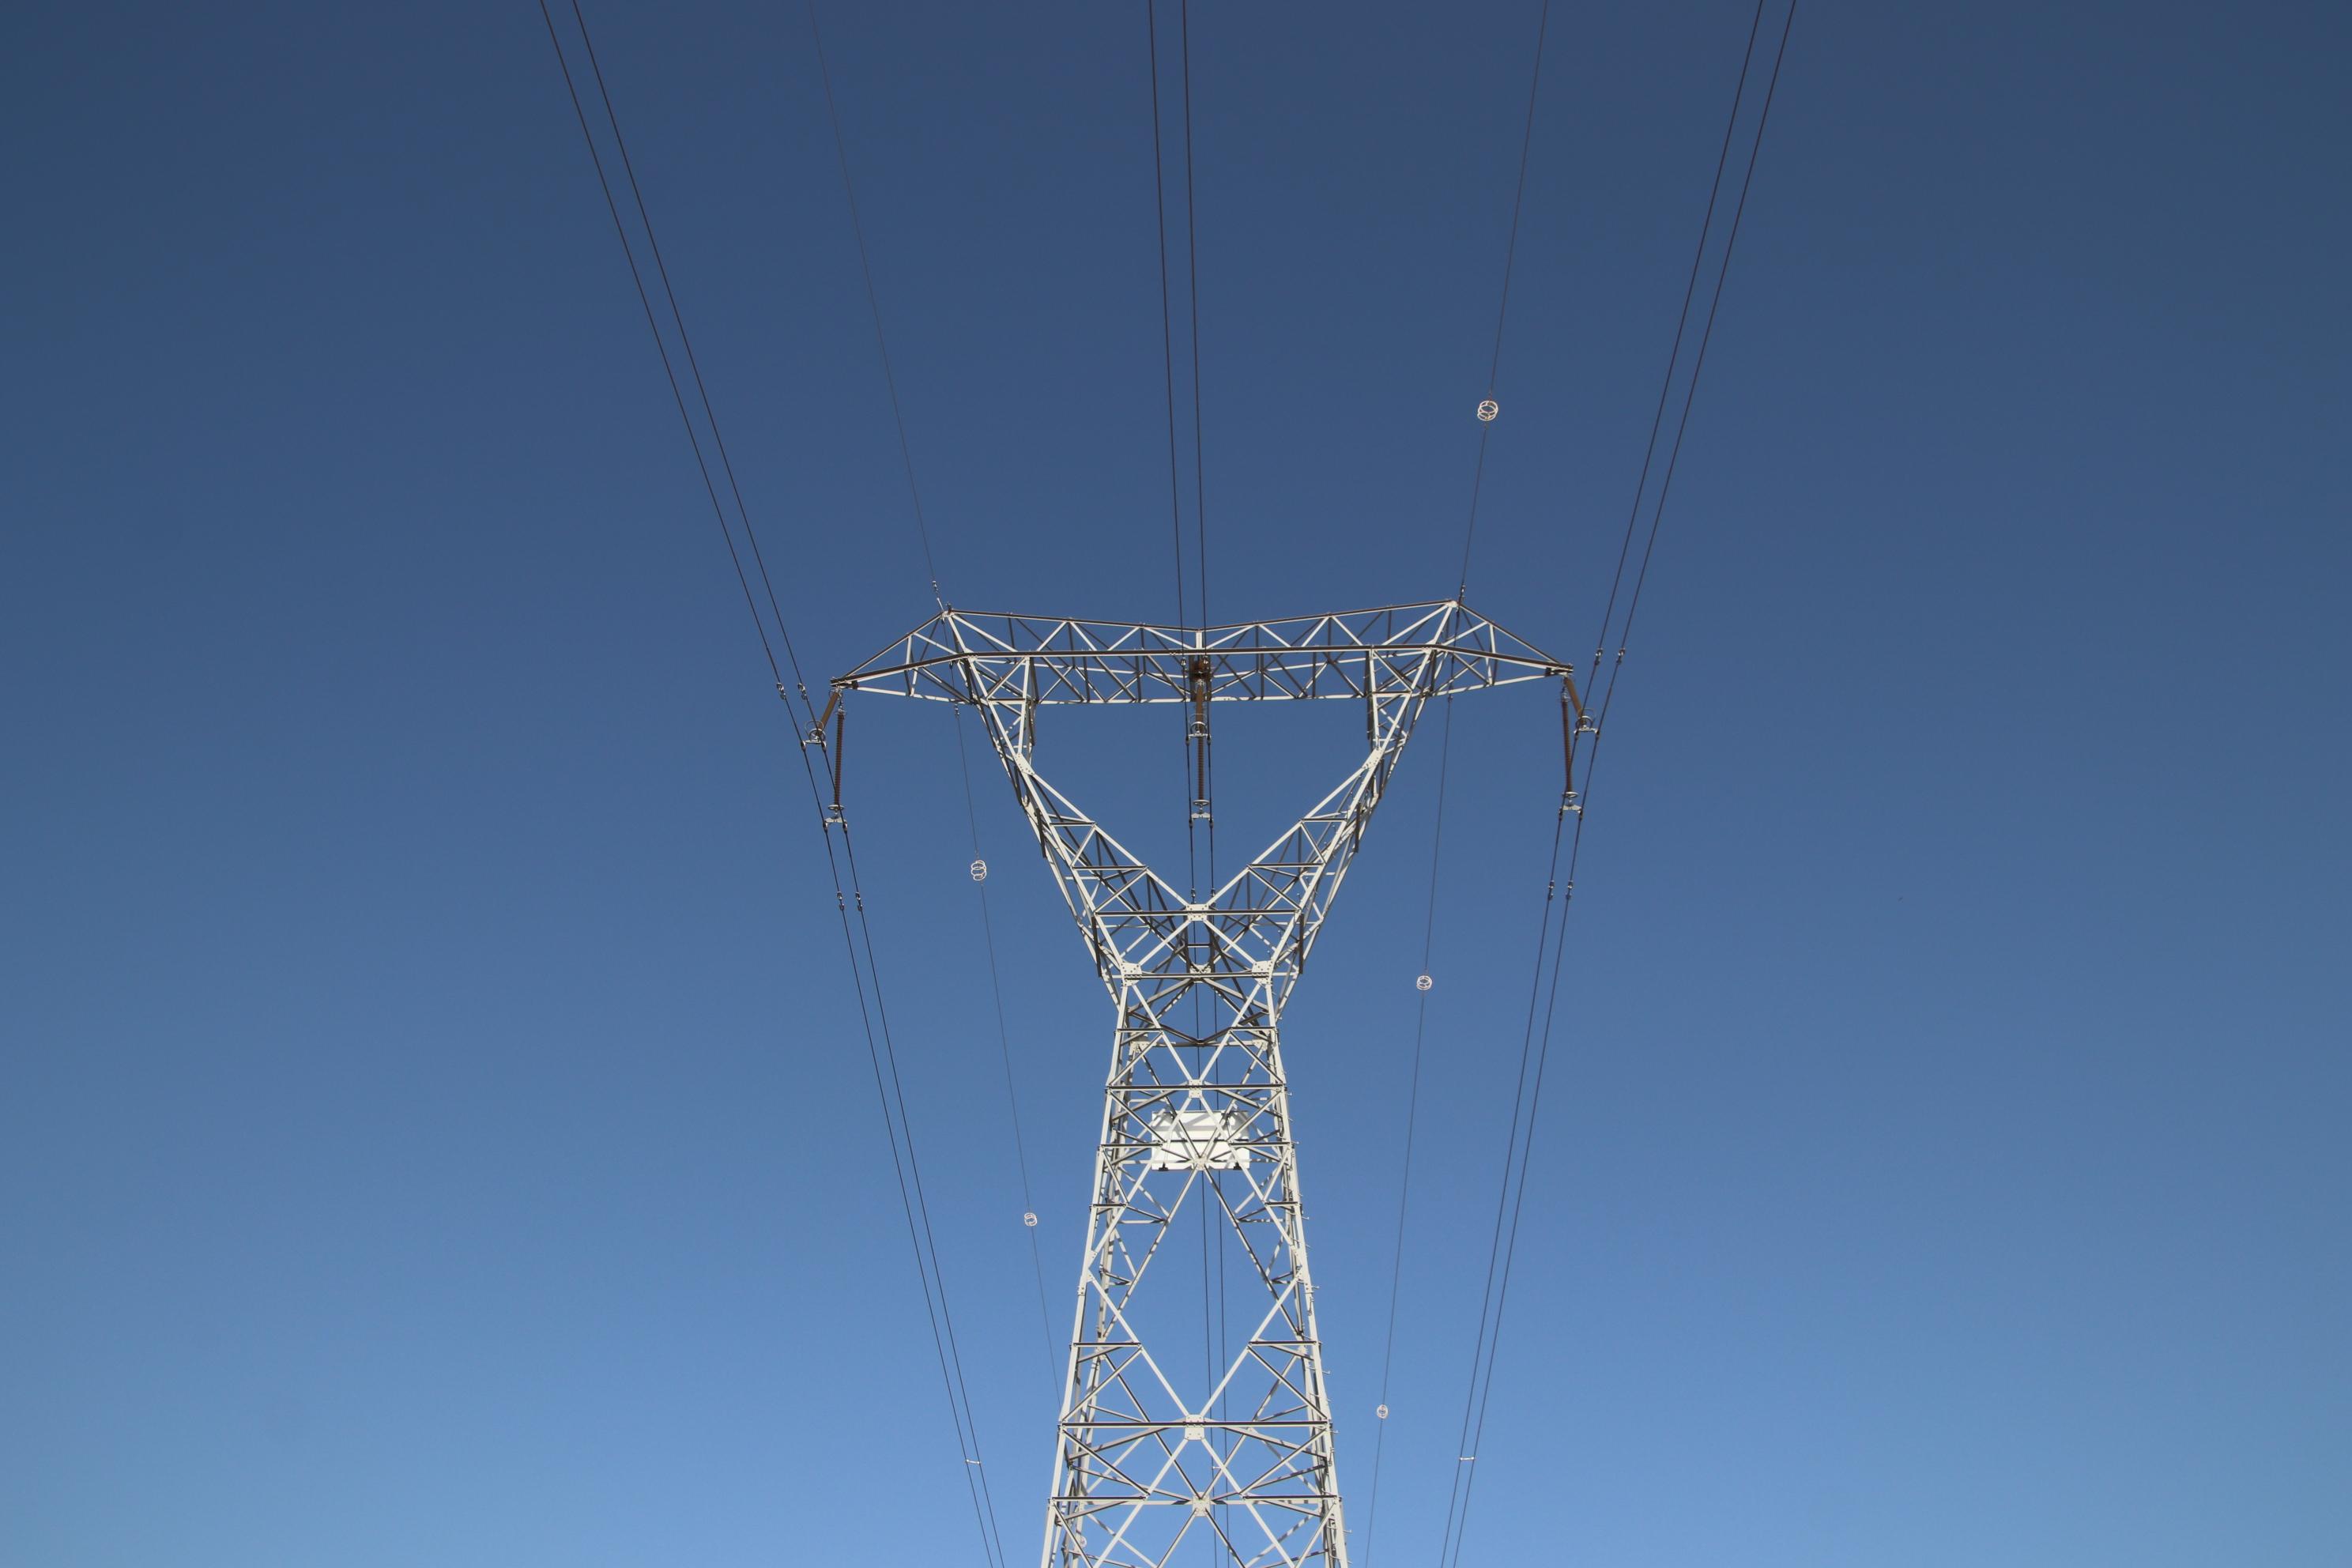 La Junta de Govern  ha aprovat la liquidació de quotes d'urbanització provisionals de les parcel·les del polígon industrial les Planes per a la inversió d'increment de potència elèctrica